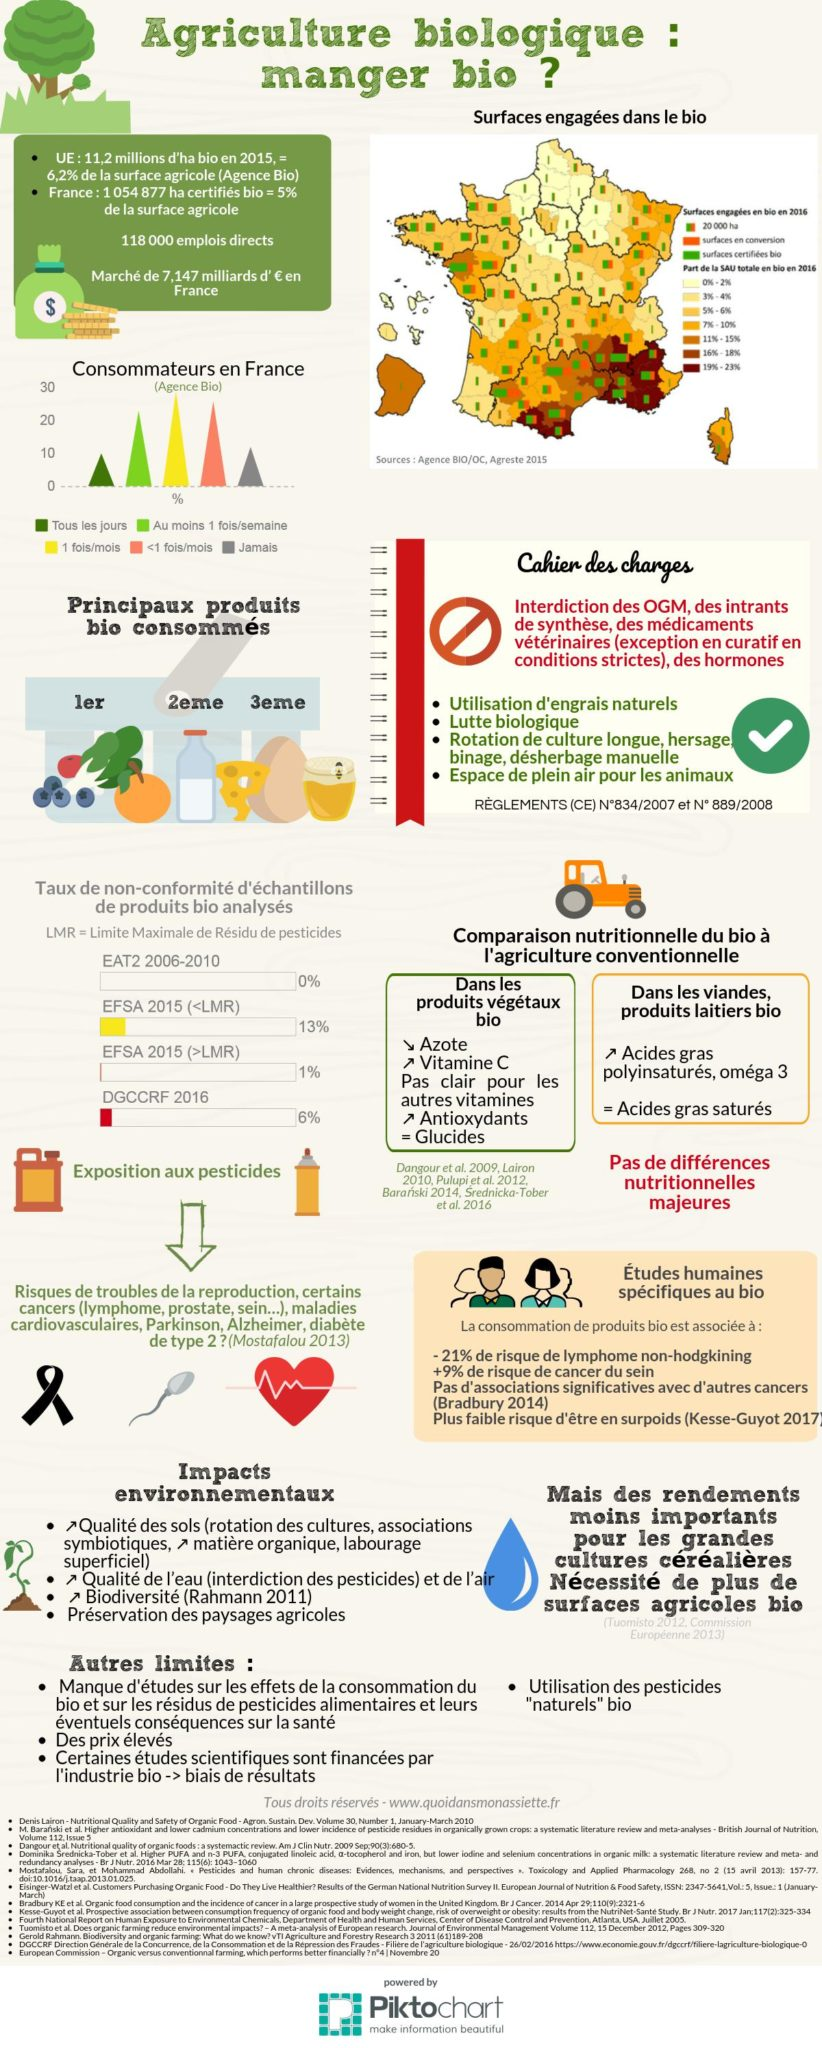 infographie agriculture alimentation biologique sante environnement nutrition